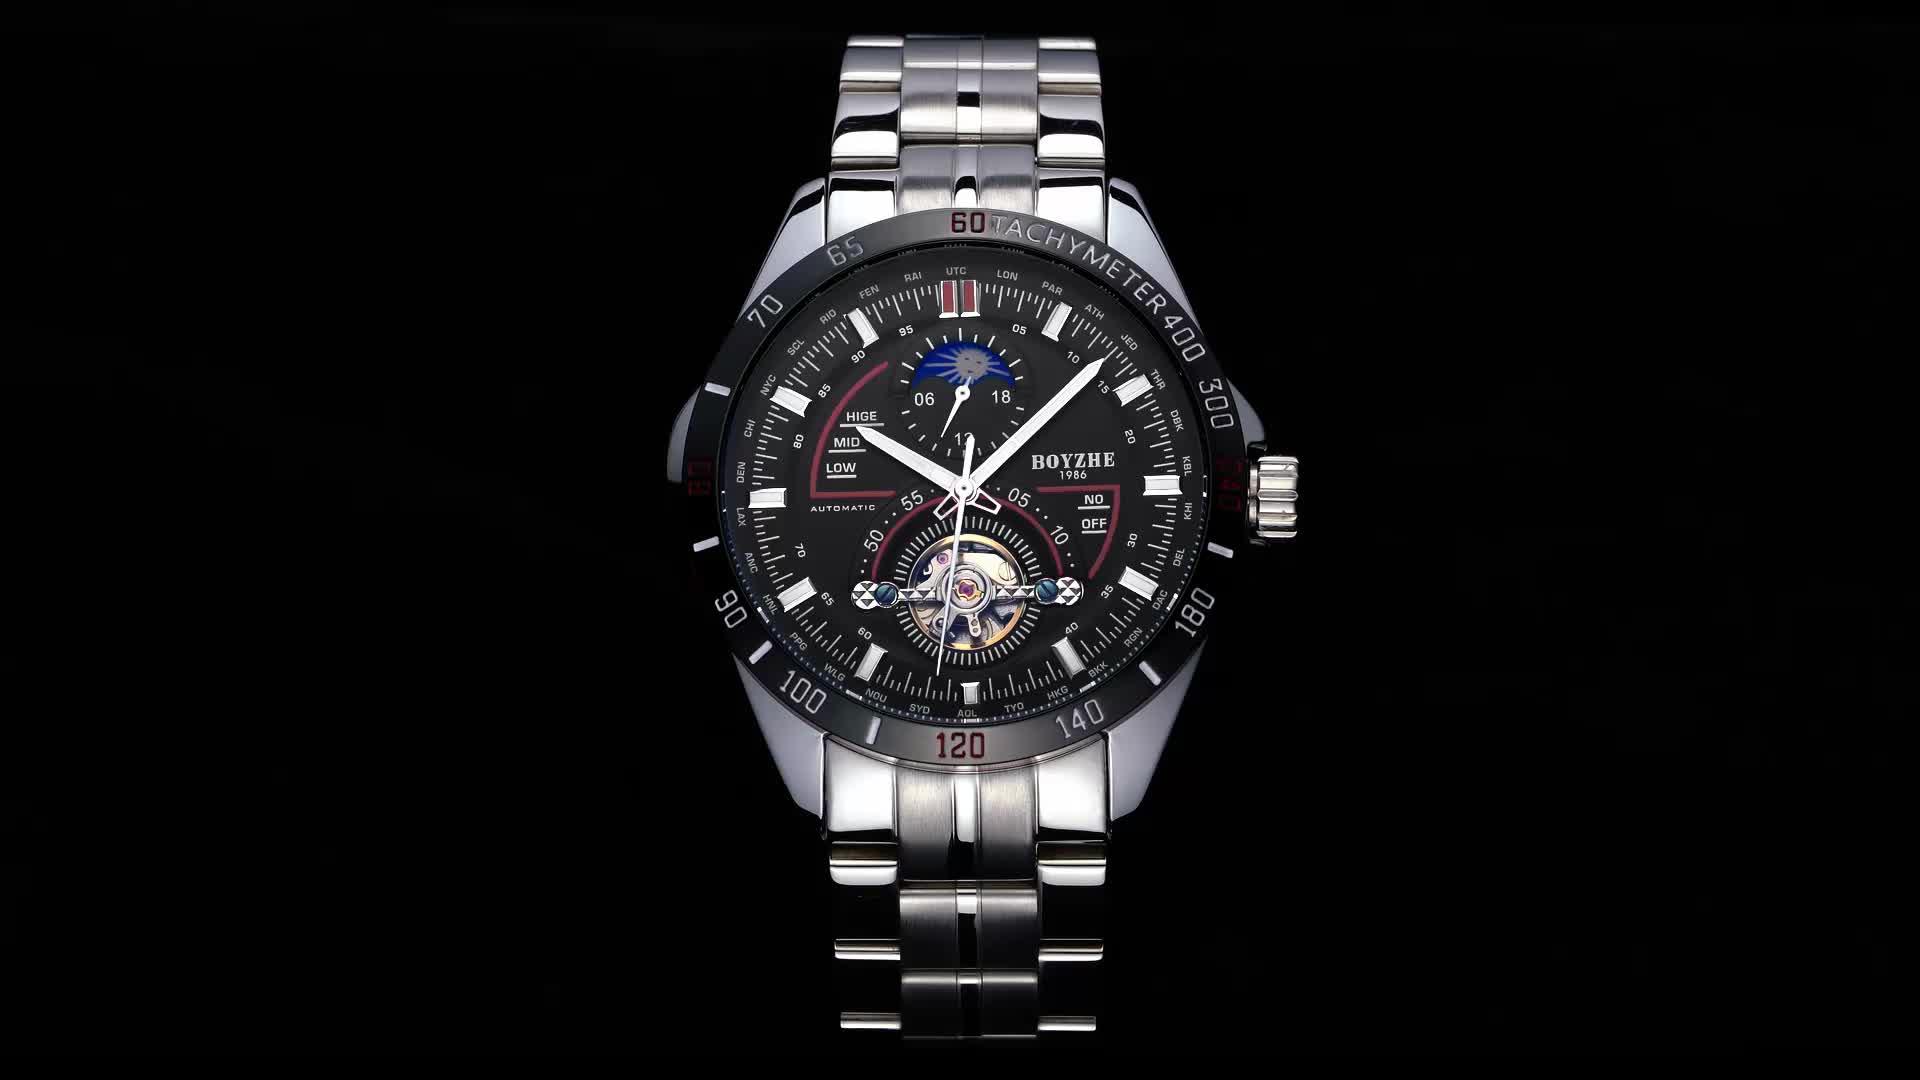 BOYZHE top homens de luxo fase da lua tourbillon relógio automático mecânico de aço inoxidável à prova d' água